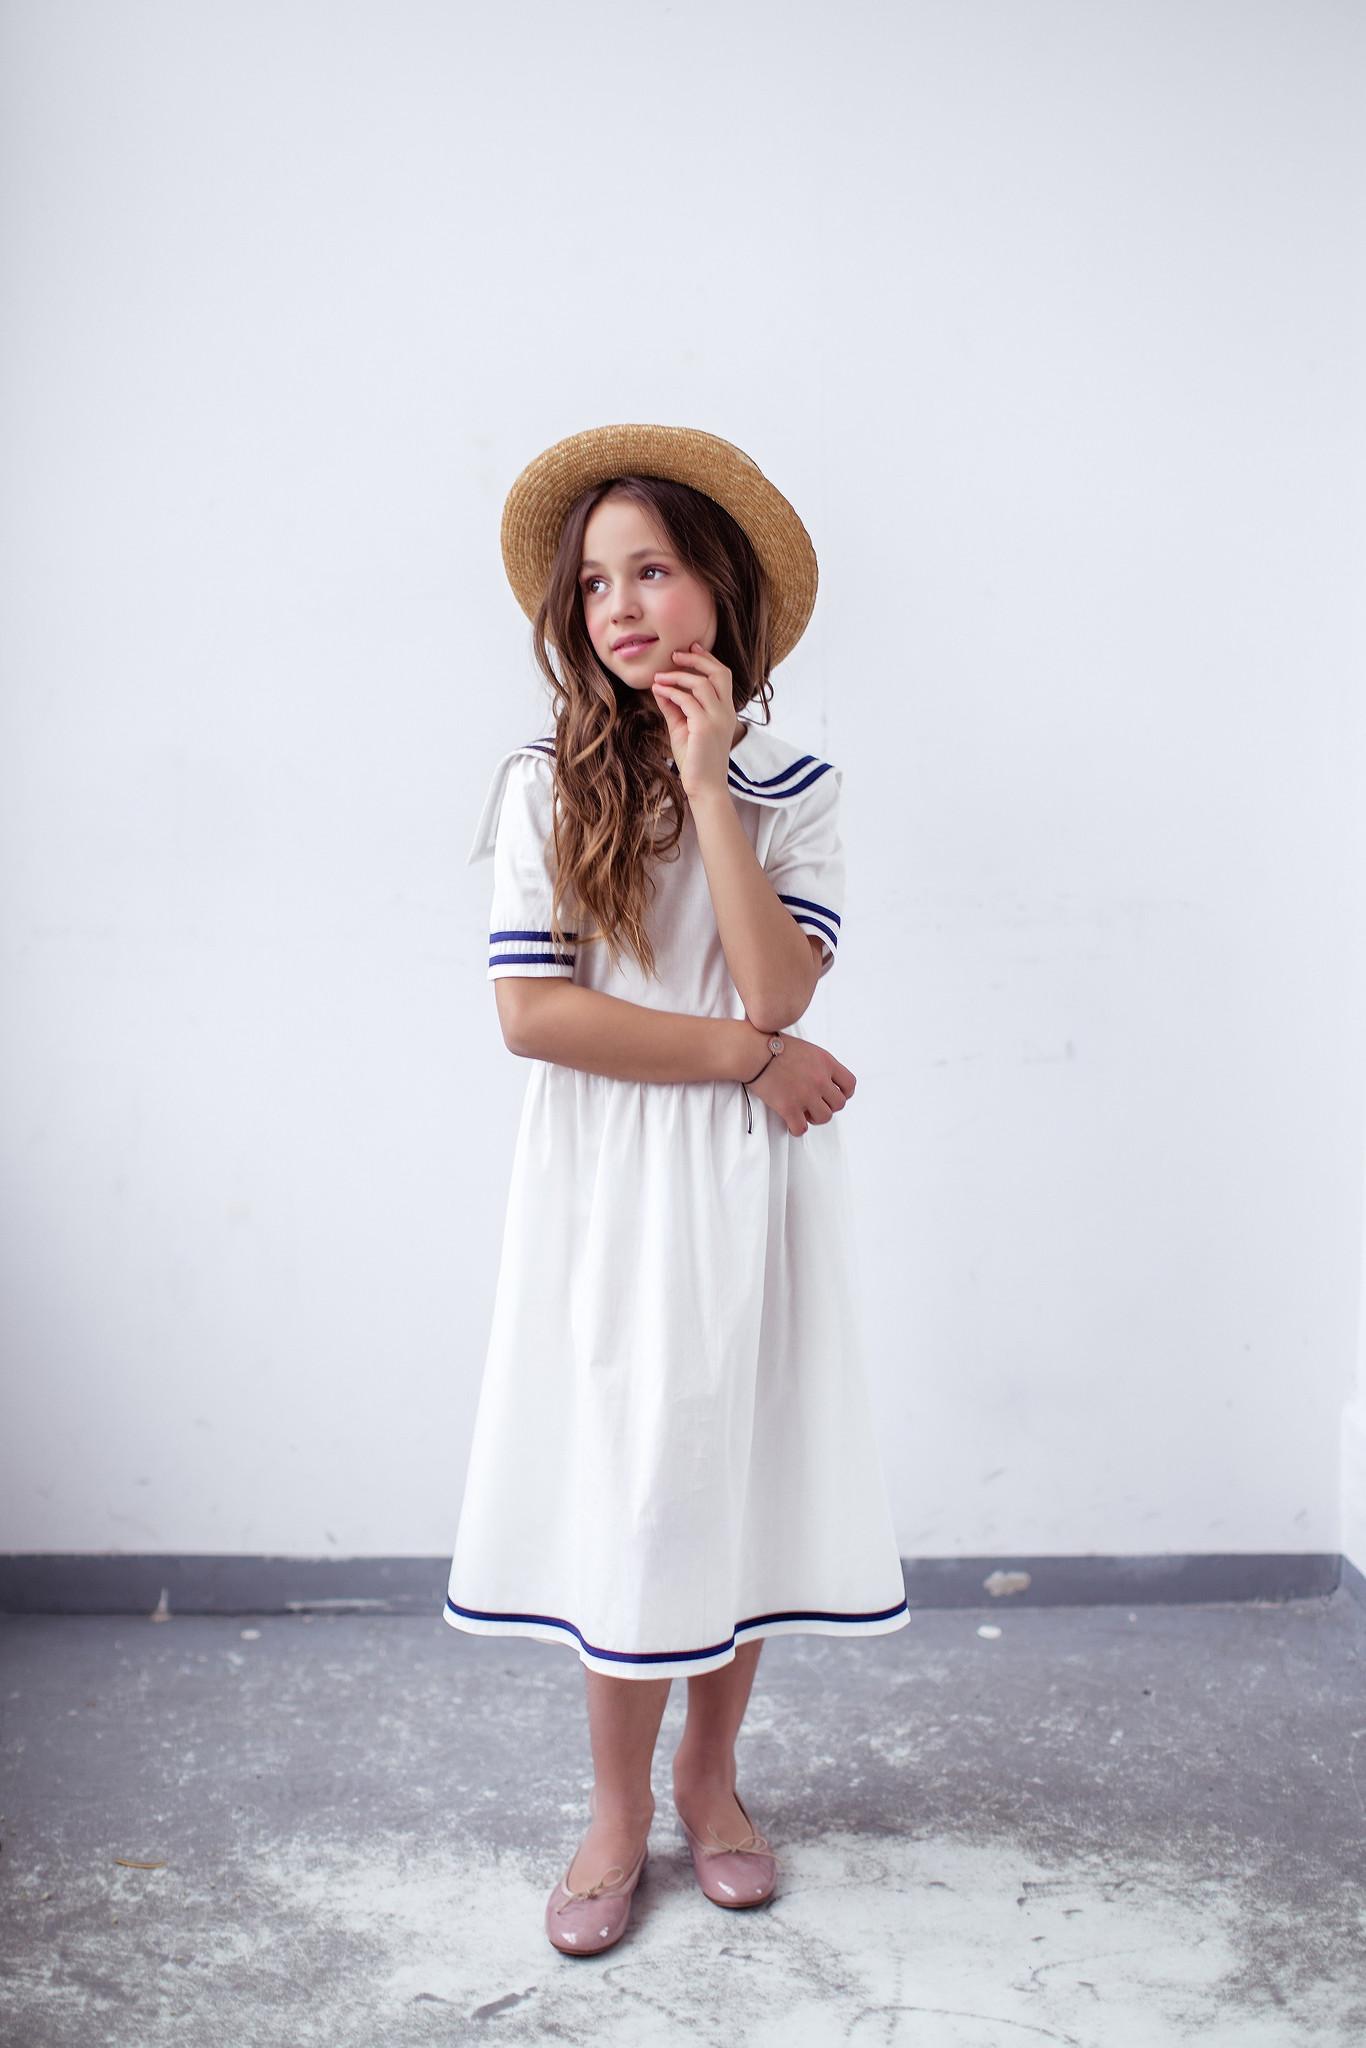 Sukienka w stylu marynarskim - Domino.little.dress